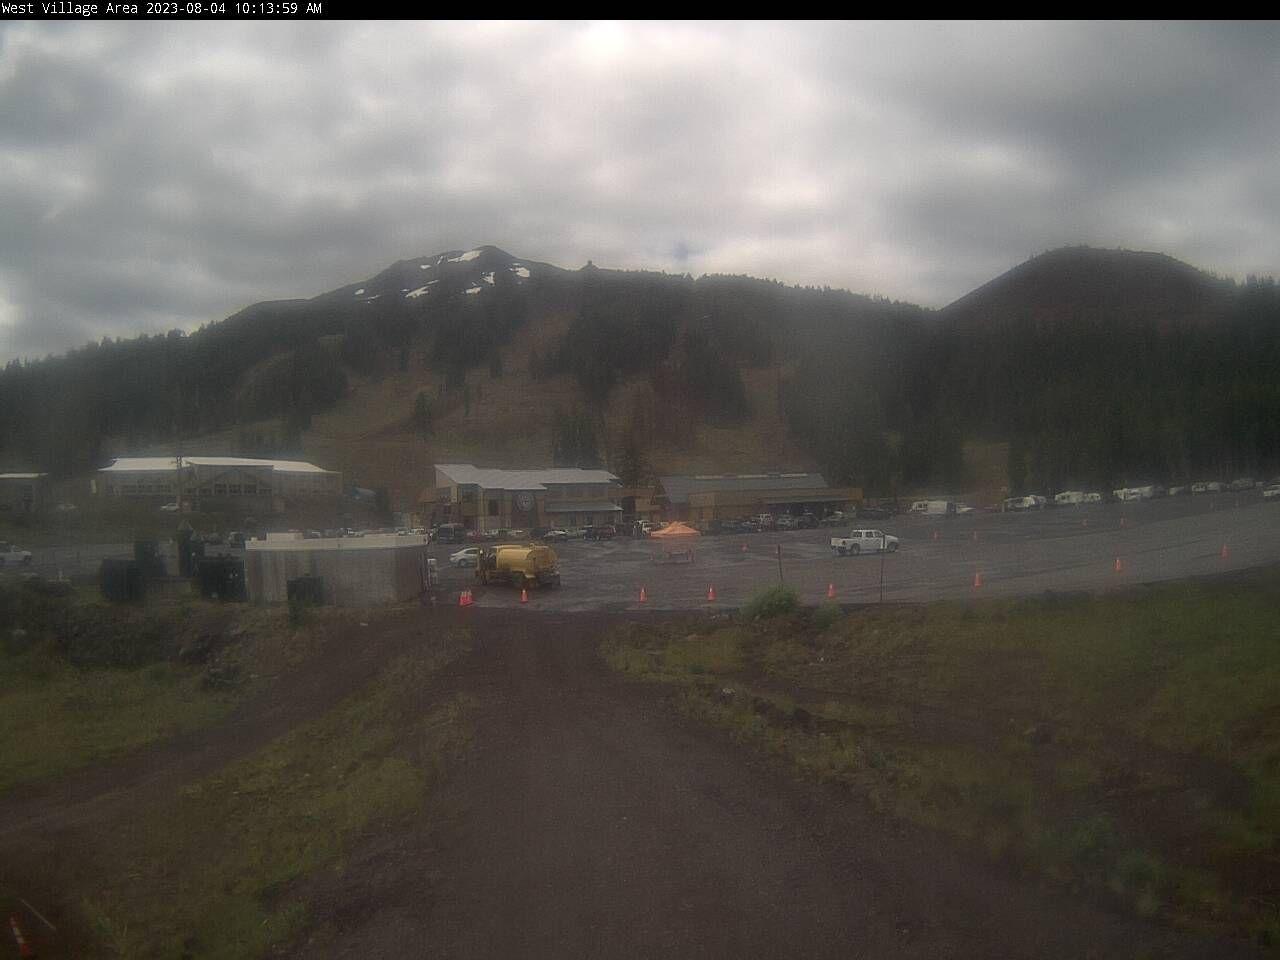 Mt. Bachelor – West Village Base webcam image